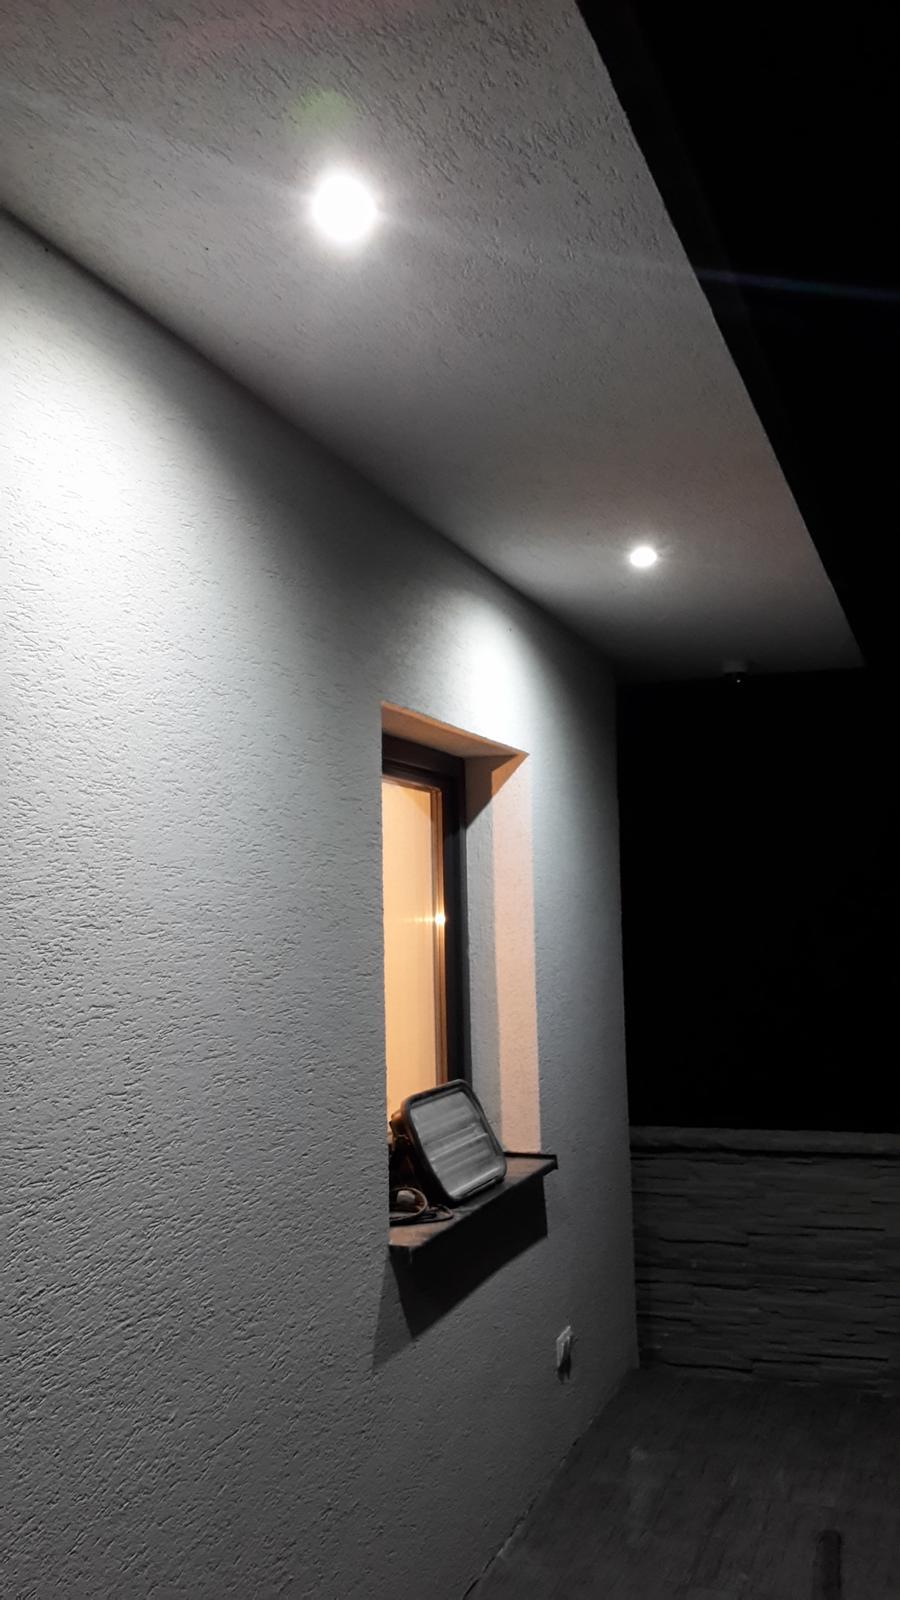 Led osvetlenie exteriér-interiér - Obrázok č. 1